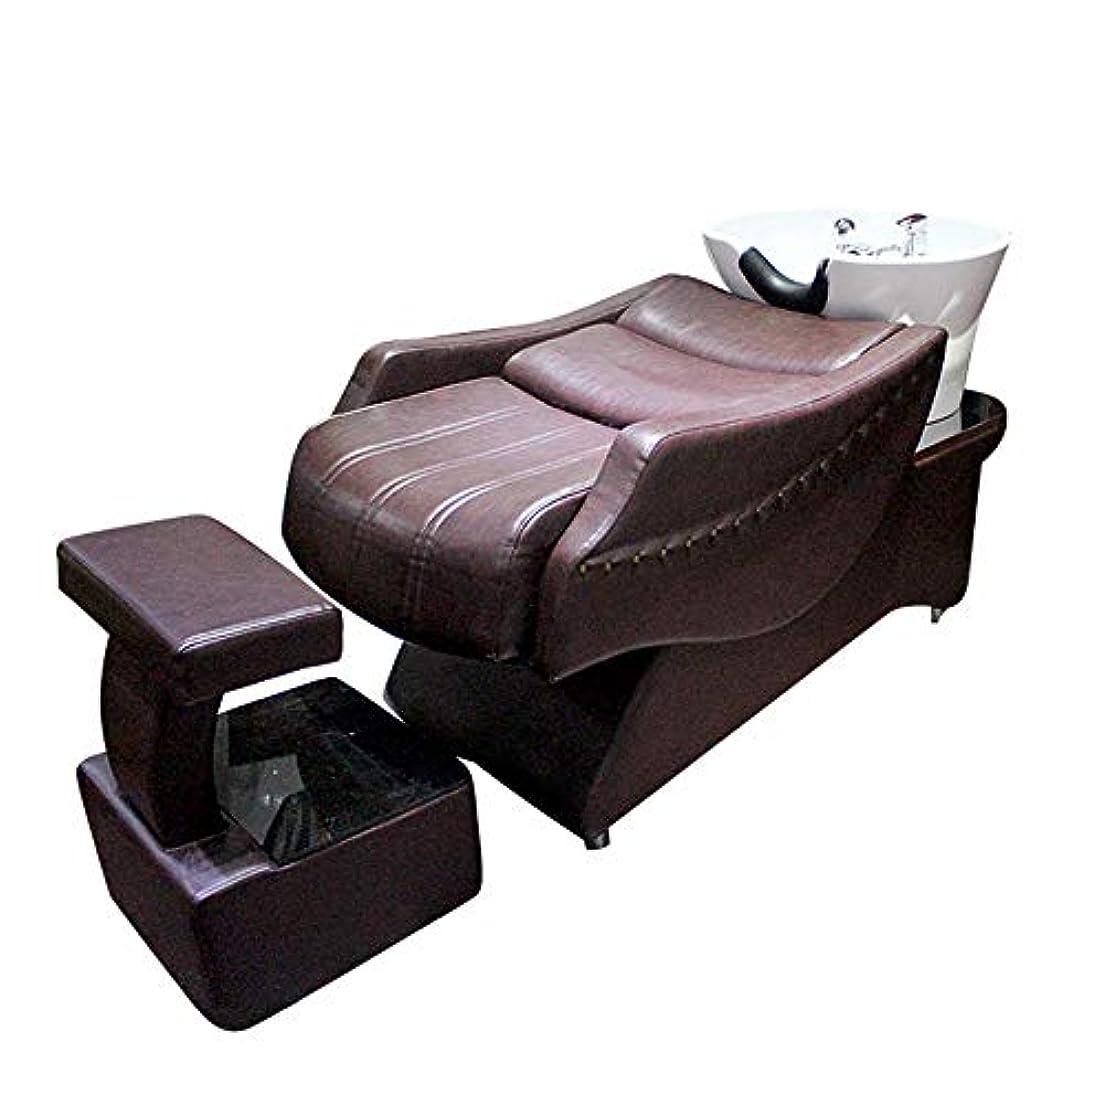 意識敬意を表するオアシスシャンプーチェア、半横になっているシャンプーベッドの逆洗ユニットシャンプーボウル理髪シンクシンクチェア用スパ美容院機器